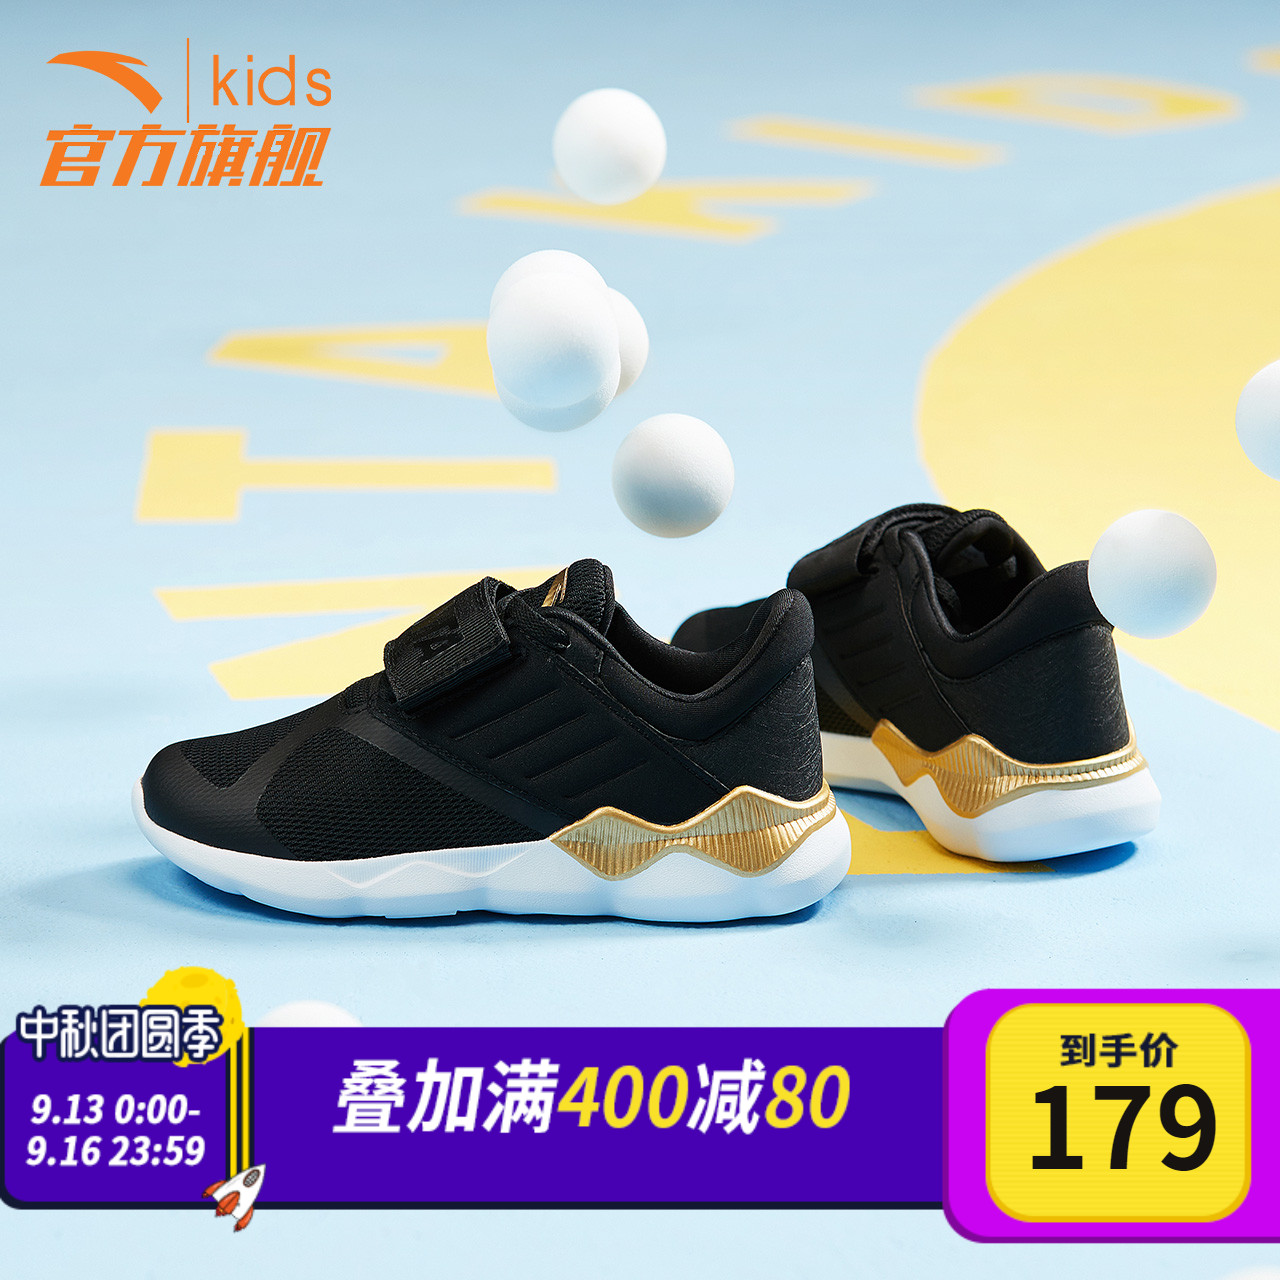 安踏儿童鞋男童运动鞋2018新款秋季休闲跑步鞋官方旗舰店运动童鞋